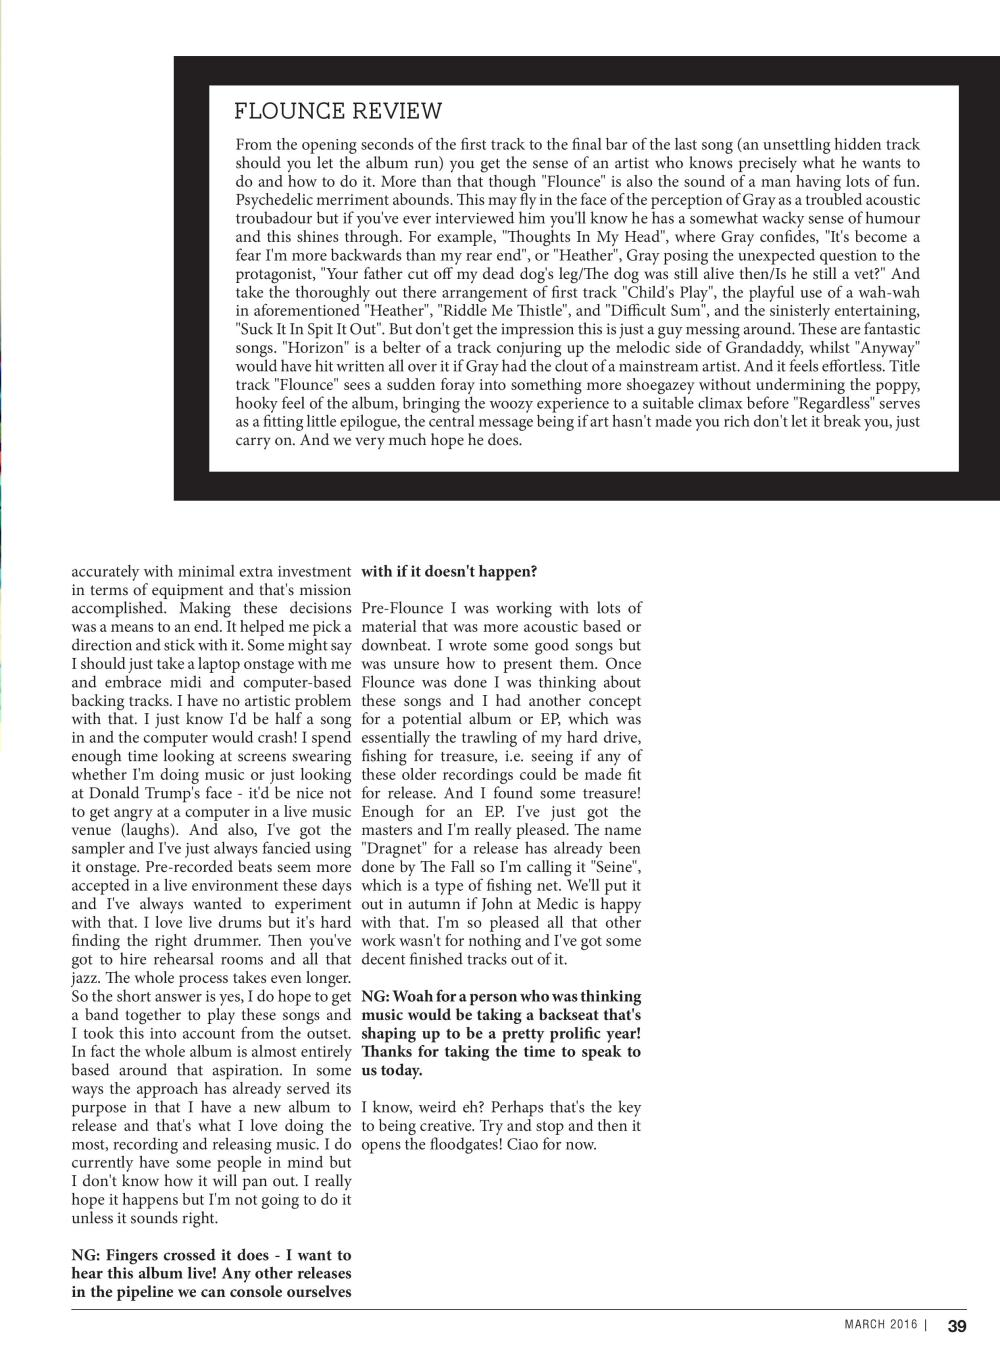 ningboguide201603.39-page-001